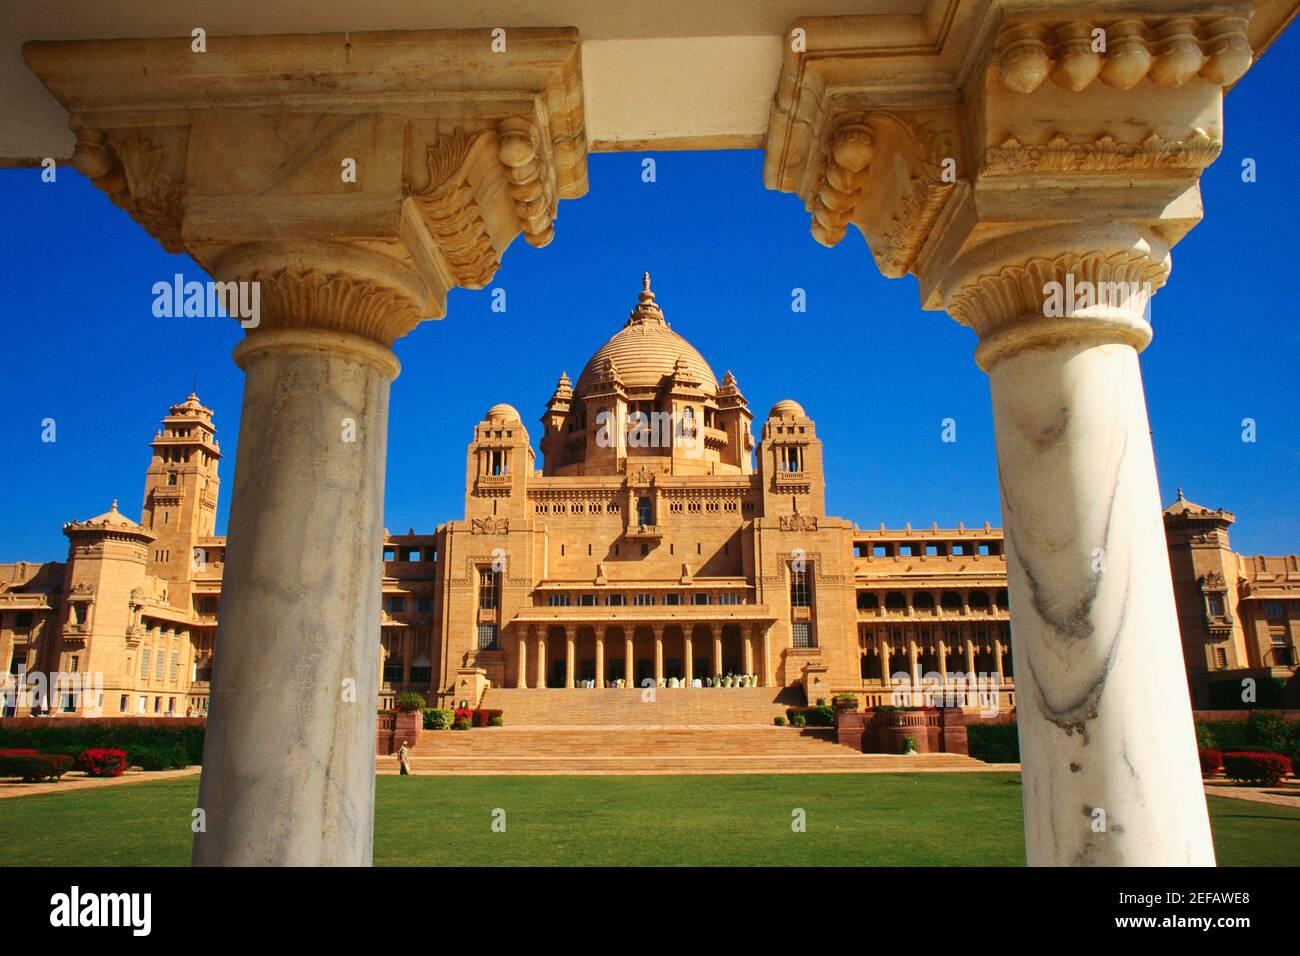 Façade d'un palais, palais de Limaid Bhawan, Jodhpur, Inde Banque D'Images